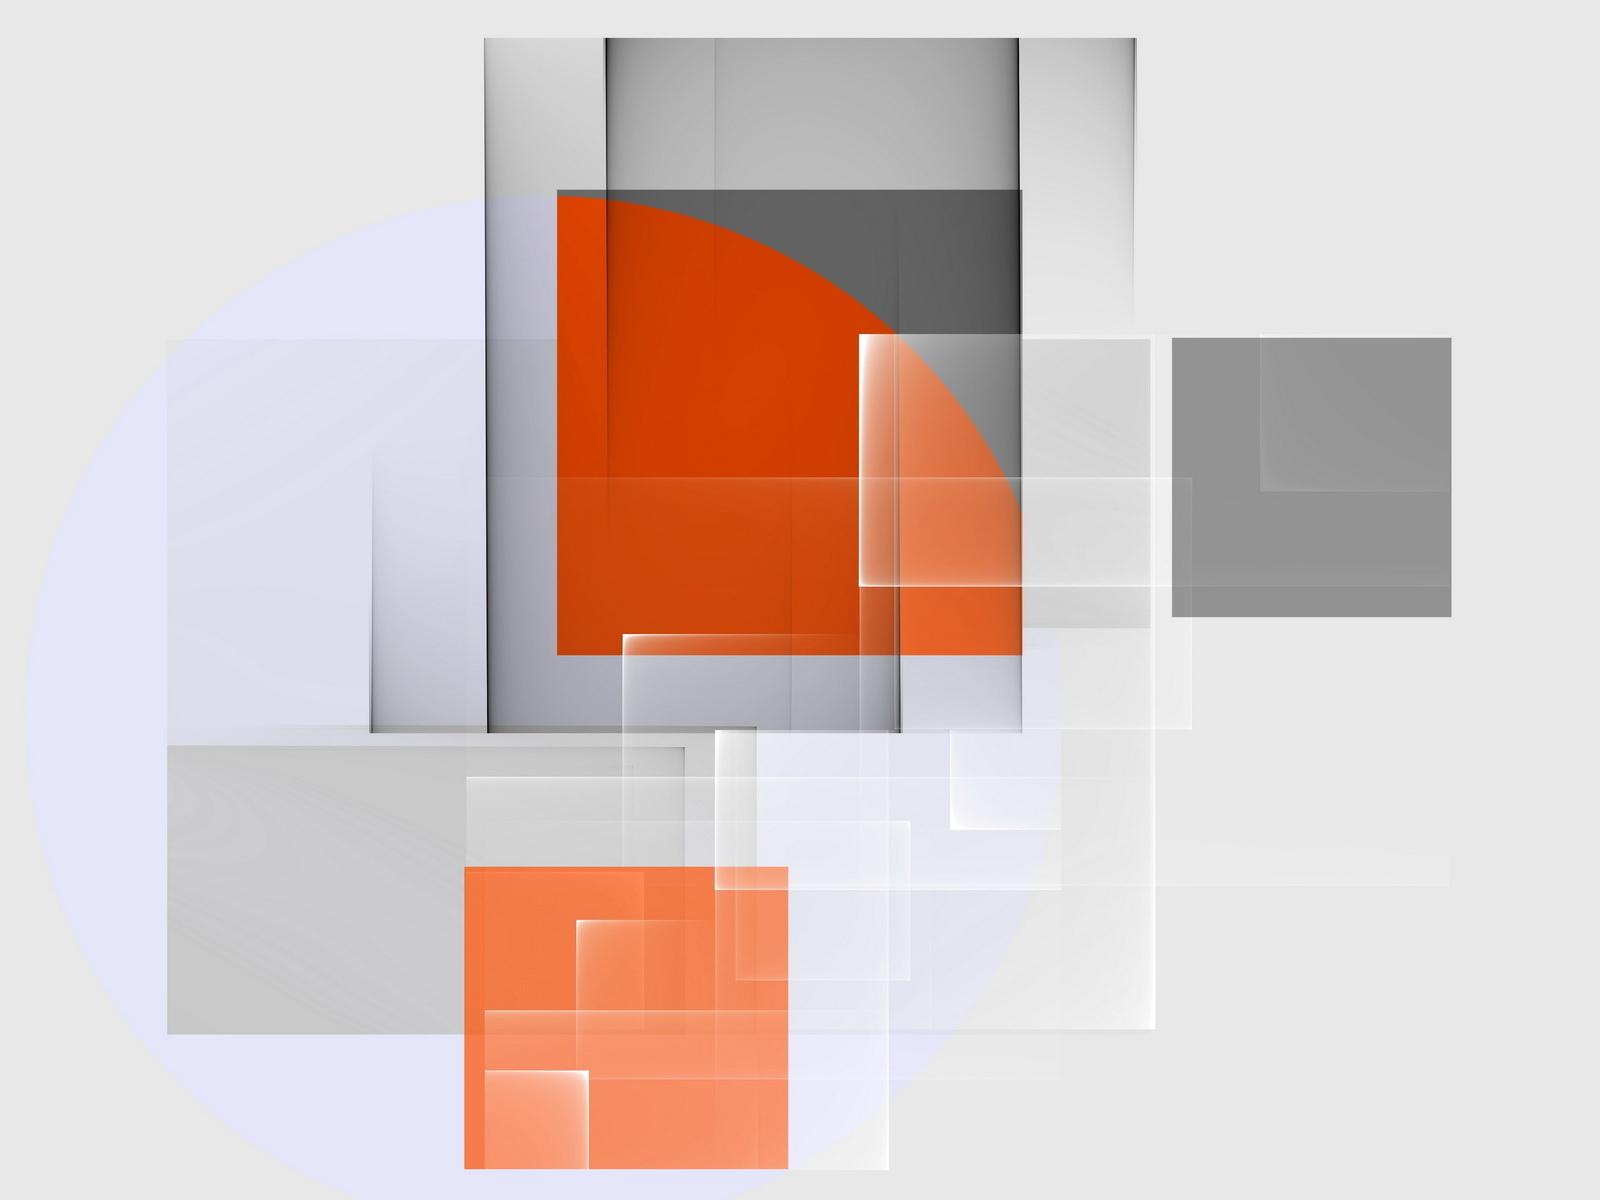 цвет, форма